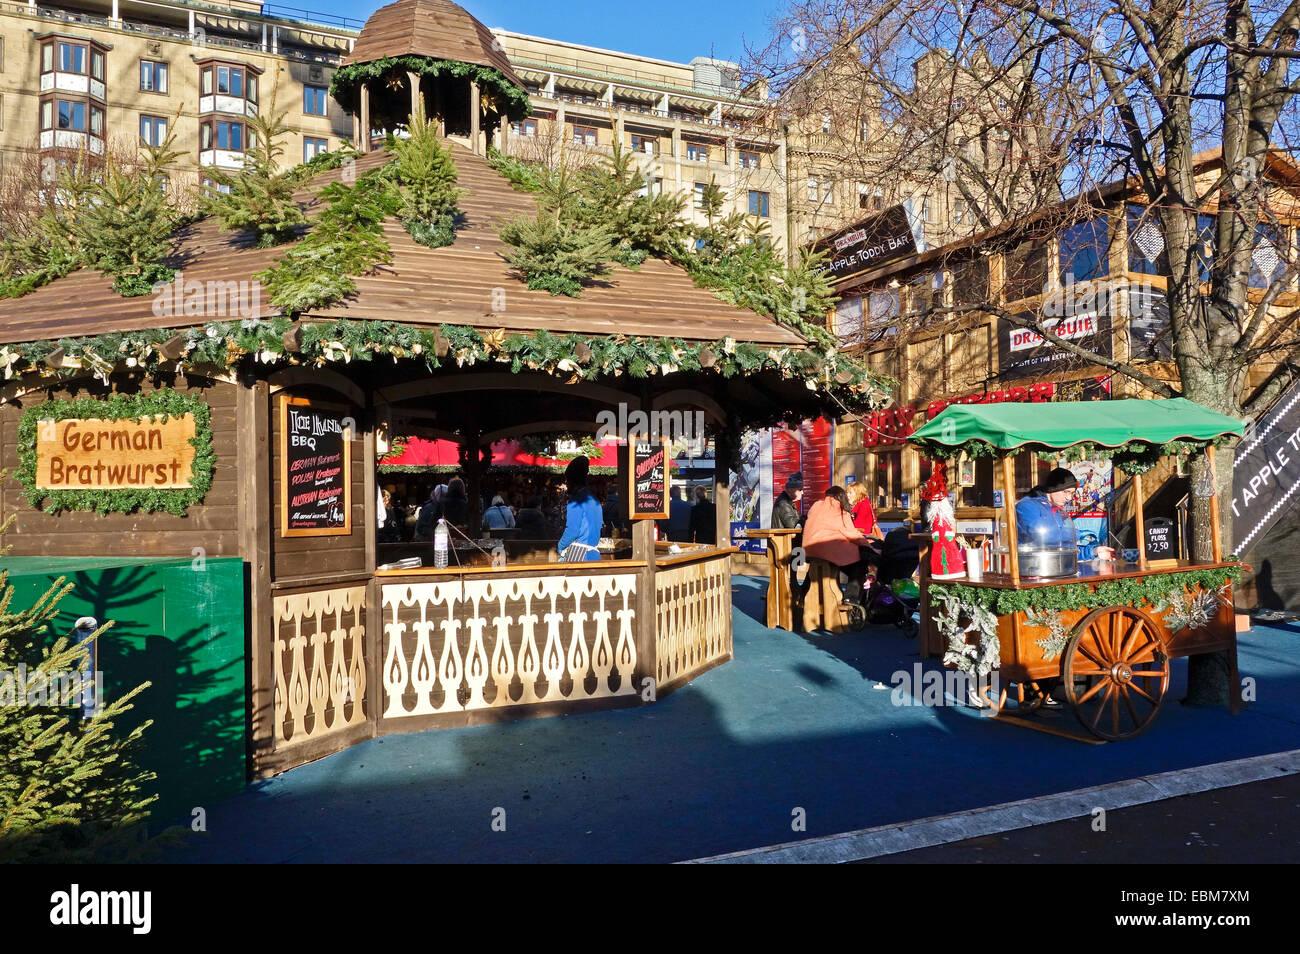 Edimburgo 2014 Mercado de Navidad en los jardines de Princes Street Edinburgh Escocia con puesto en el mercado alemán Imagen De Stock